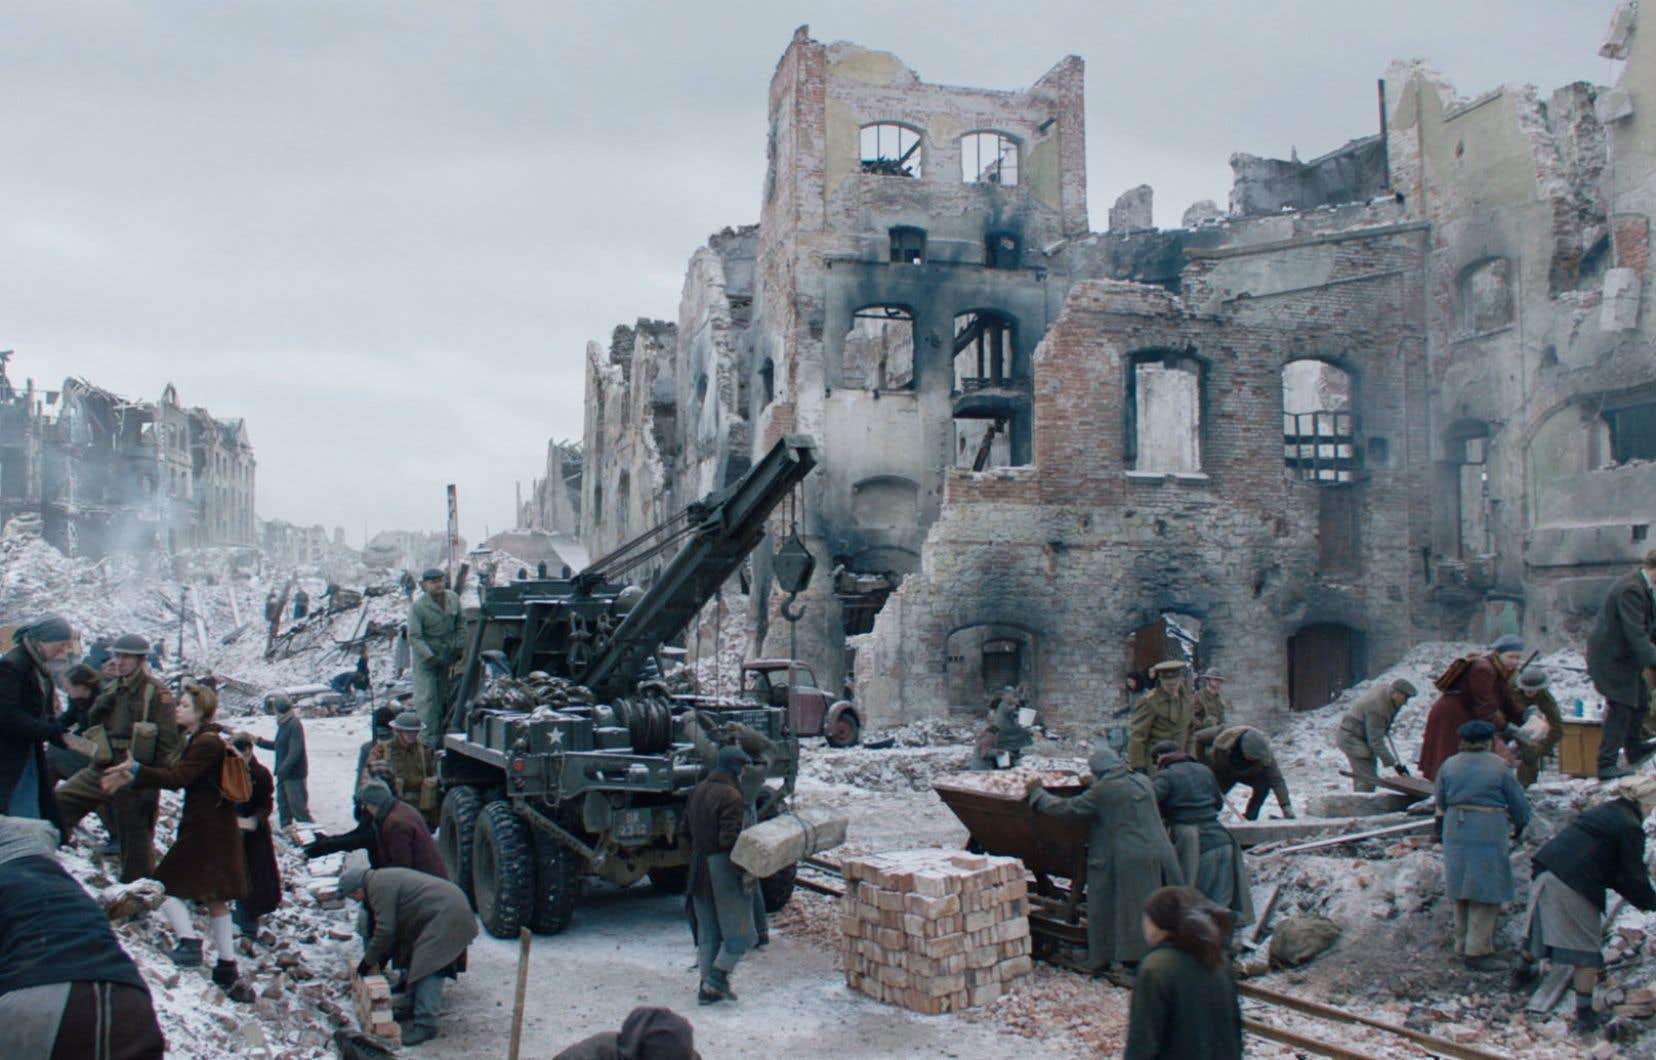 Le film se déroule dans la ville allemande de Hambourg, ravagée au lendemain de la Deuxième Guerre mondiale.